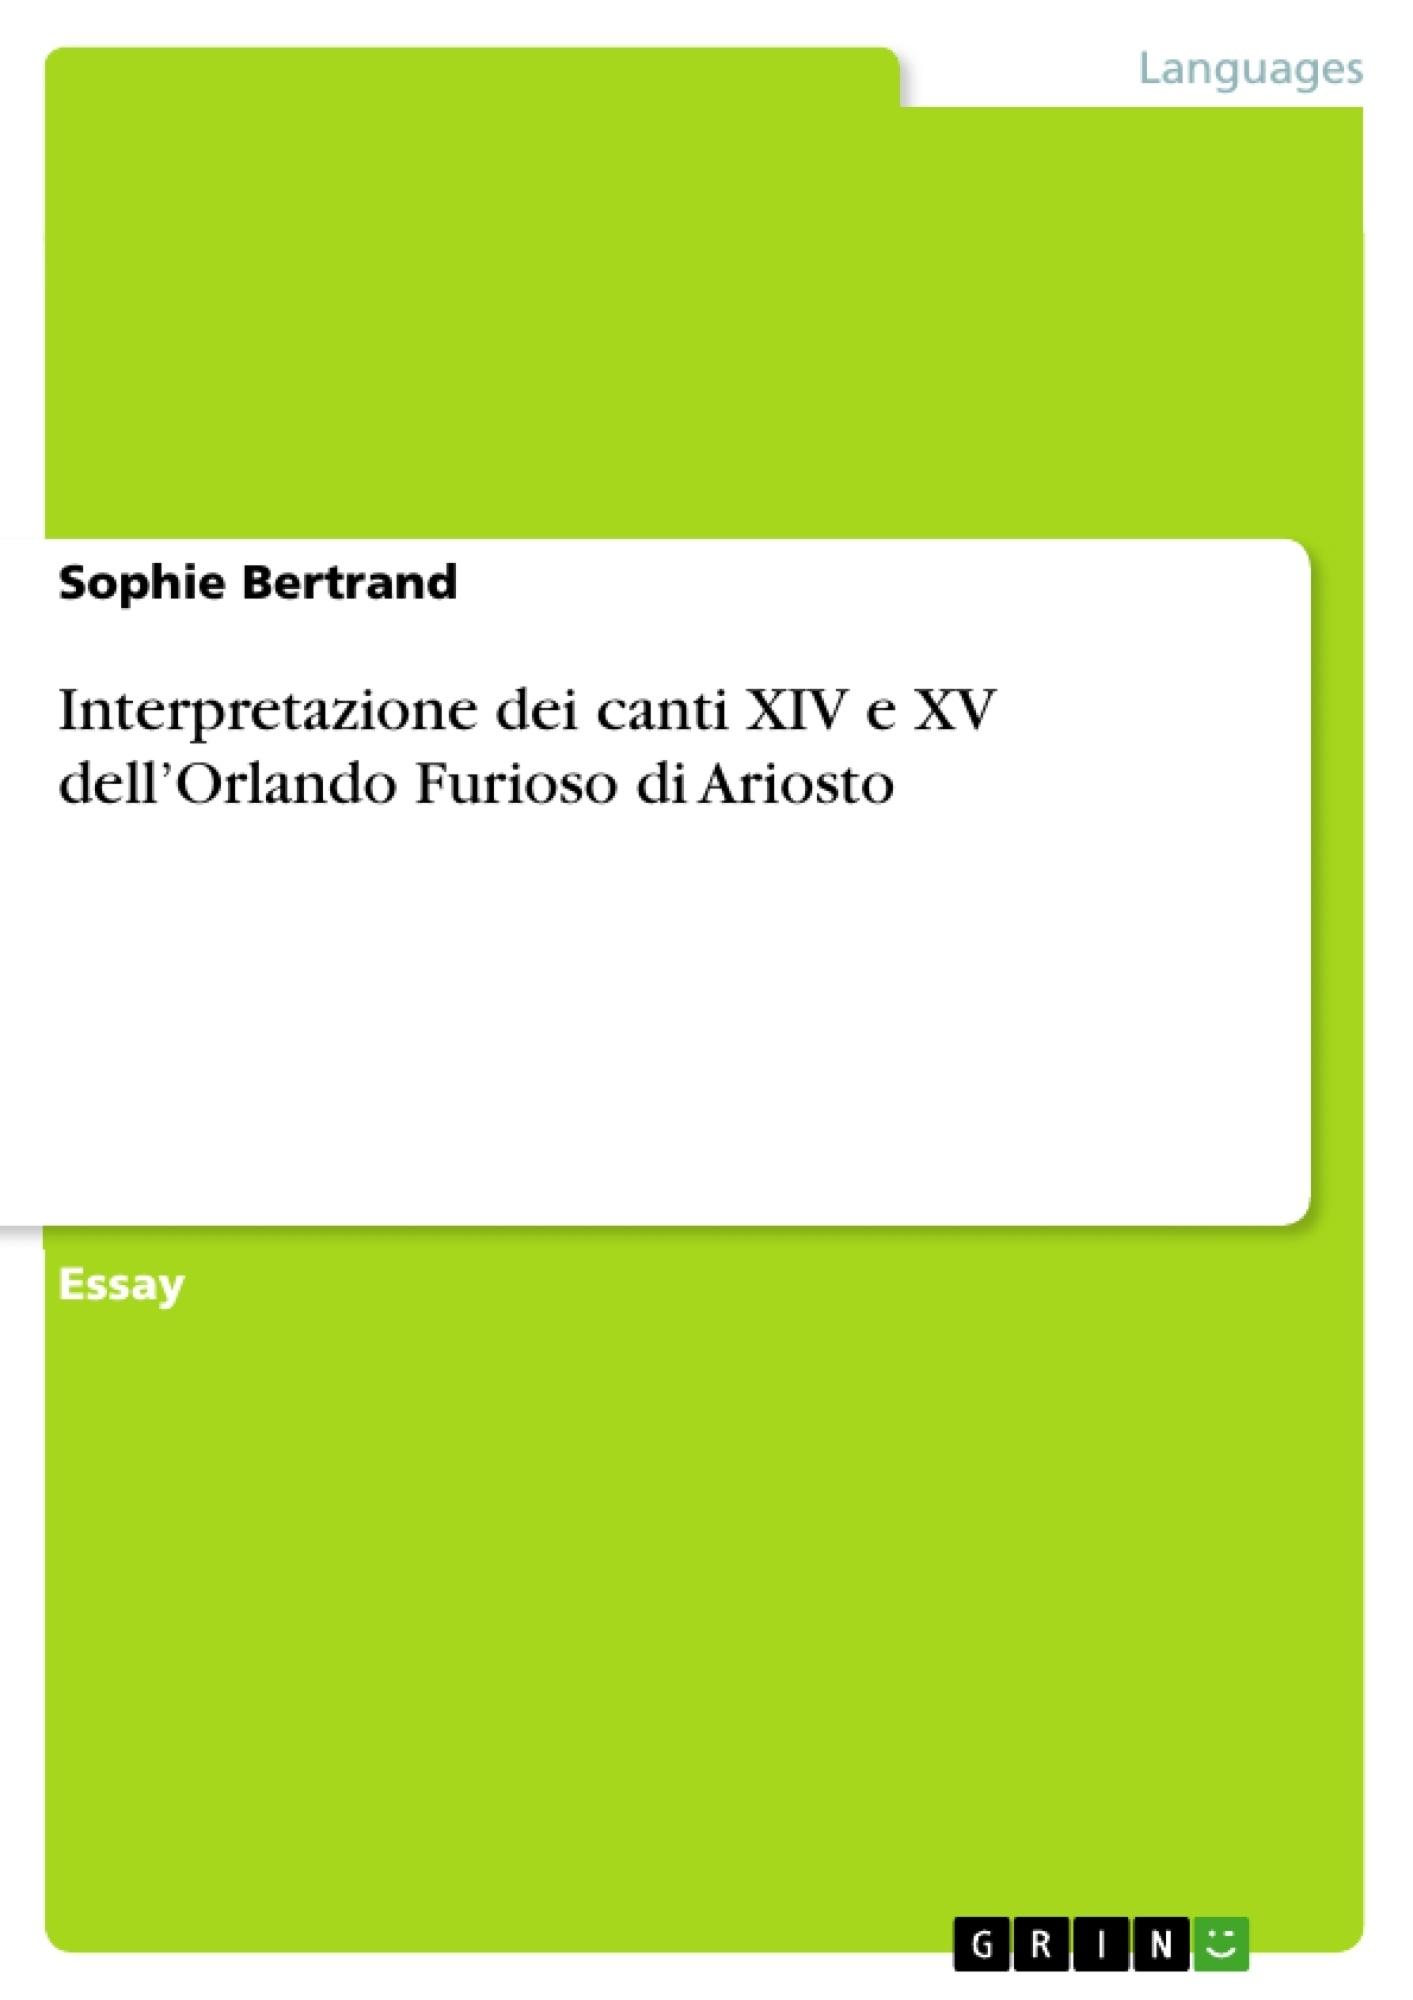 Title: Interpretazione dei canti XIV e XV dell'Orlando Furioso di Ariosto